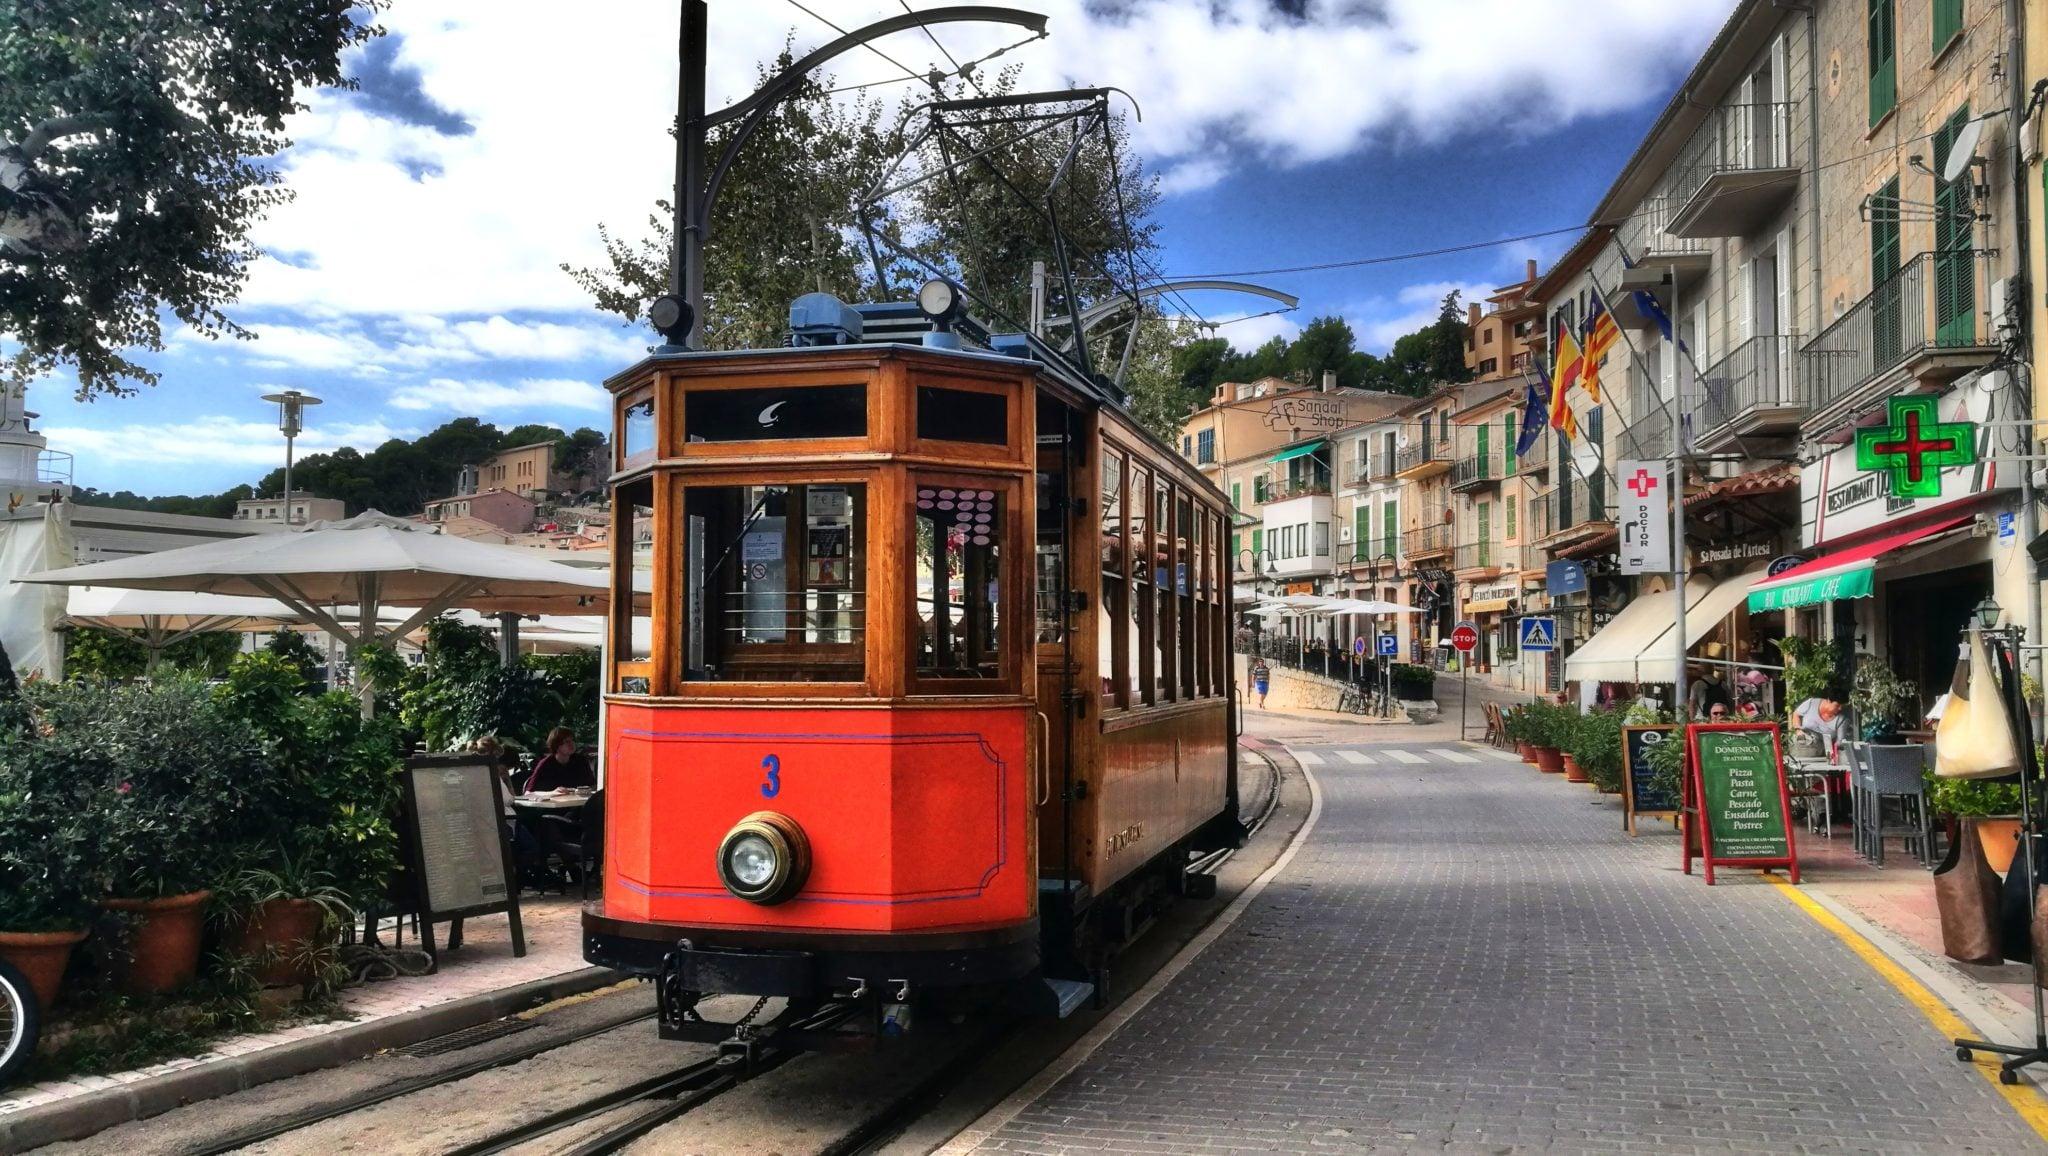 Hiszpania, Majorka. Największa z wysp w archipelagu Balearów to miejsce typowo turystyczne – 90% dochodu wyspy pochodzi właśnie z turystyki. Na wyspie nie brakuje urokliwych miejsc i zakątków, w których możemy spędzić niezapomniane chwile. To tutaj znajduje się letnia rezydencja króla Hiszpanii. Szczególnie polecam odwiedzenie niewielkiej i klimatycznej miejscowości Soller, do której można dostać się również oldschoolowym pociągiem kursującym po wyspie.